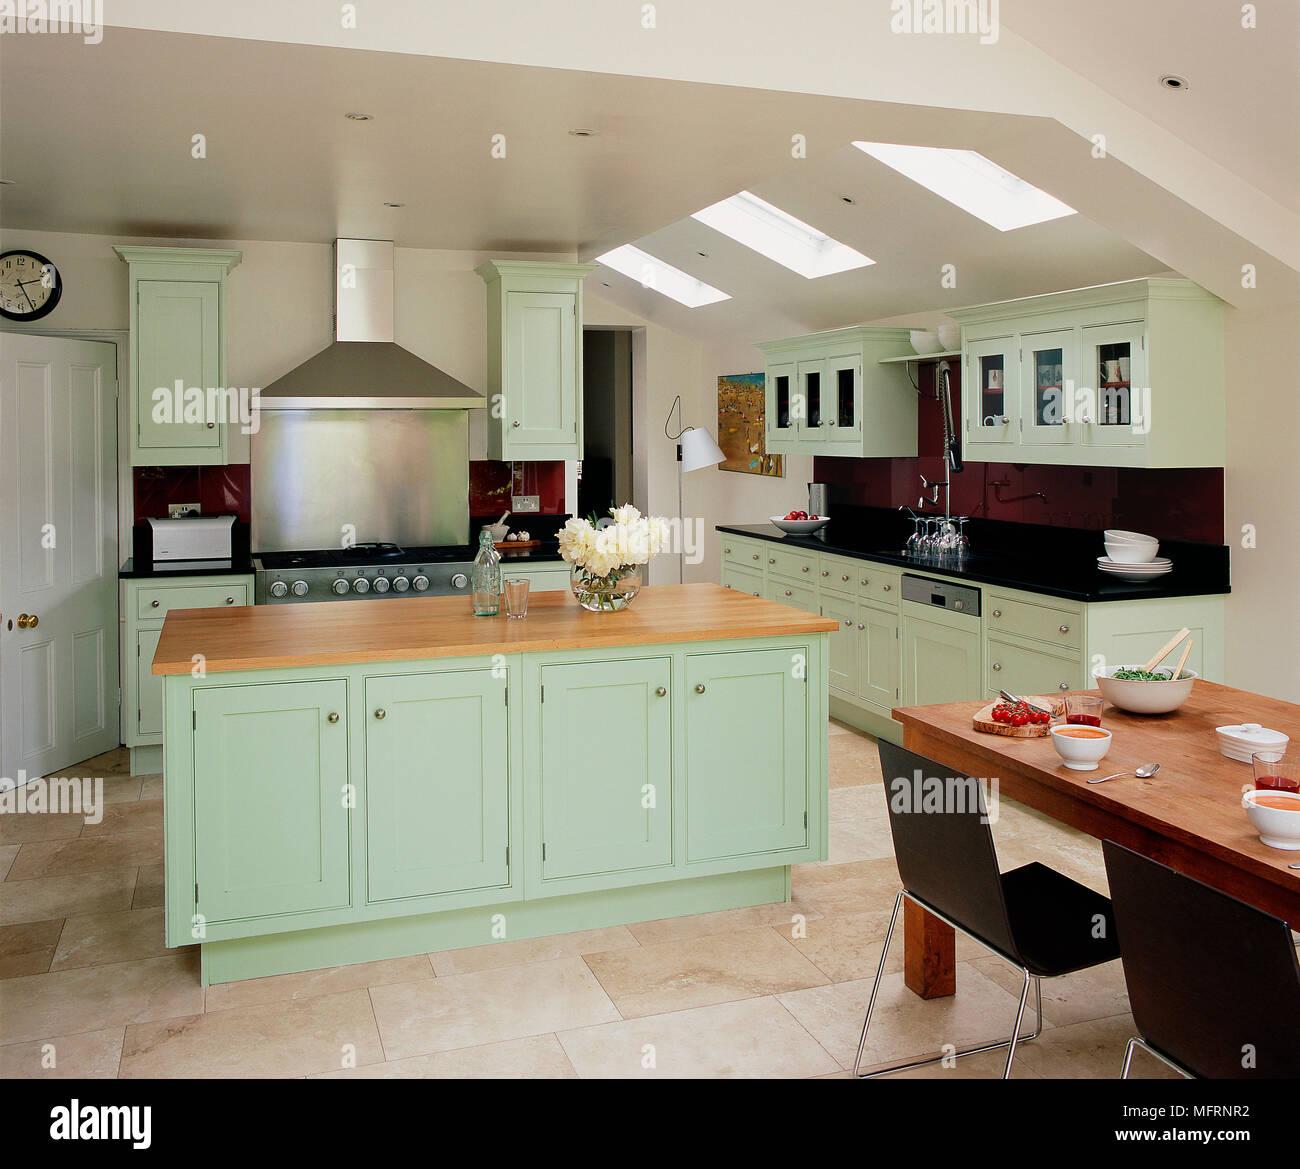 Großzügig Landhaus Stil Küchentisch Irland Galerie - Ideen Für Die ...